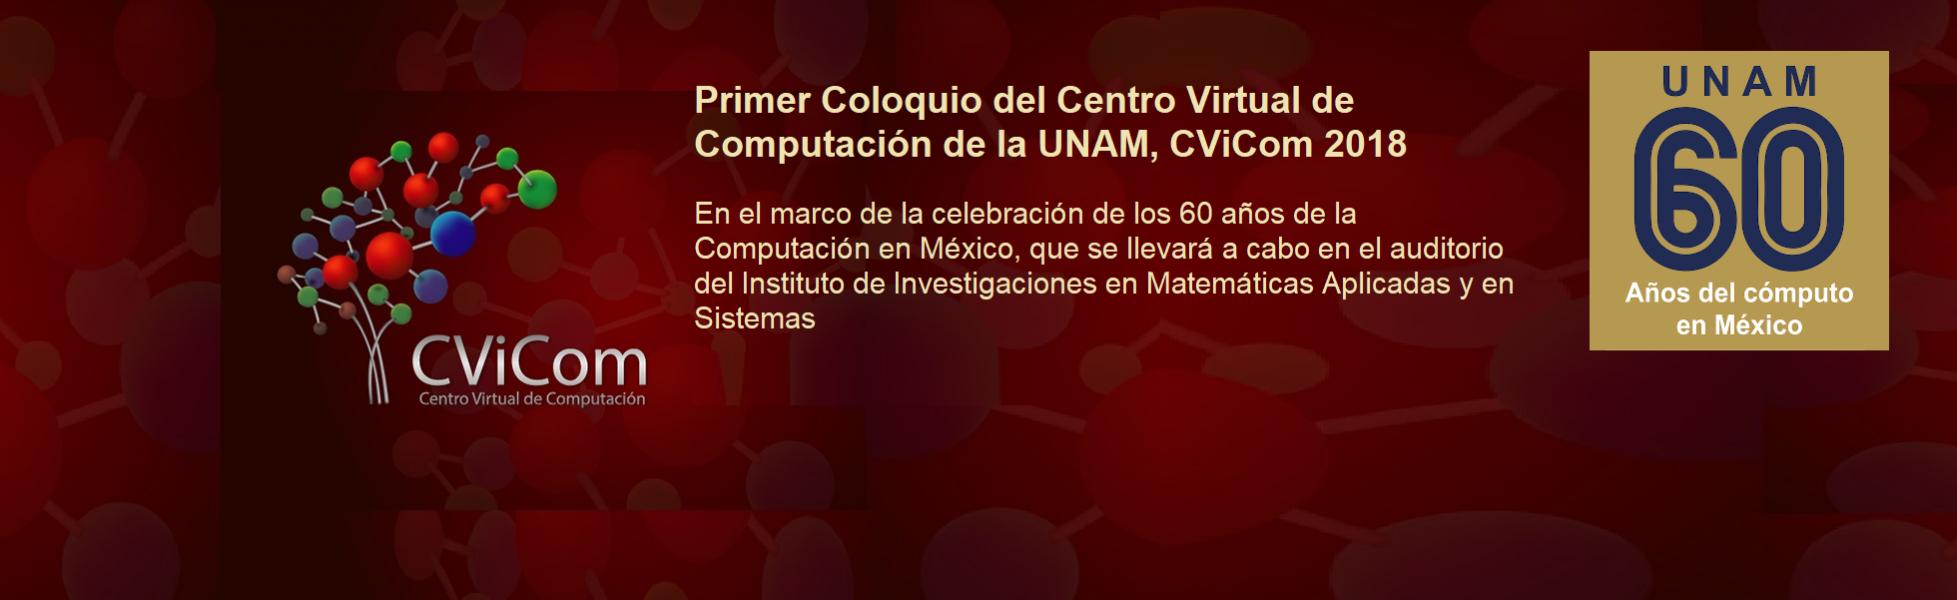 08, 09 y 10 de agosto en el marco de 60 años de la Computación en México el Primer Coloquio del Centro Virtual de Computación de la UNAM, CViCom 2018